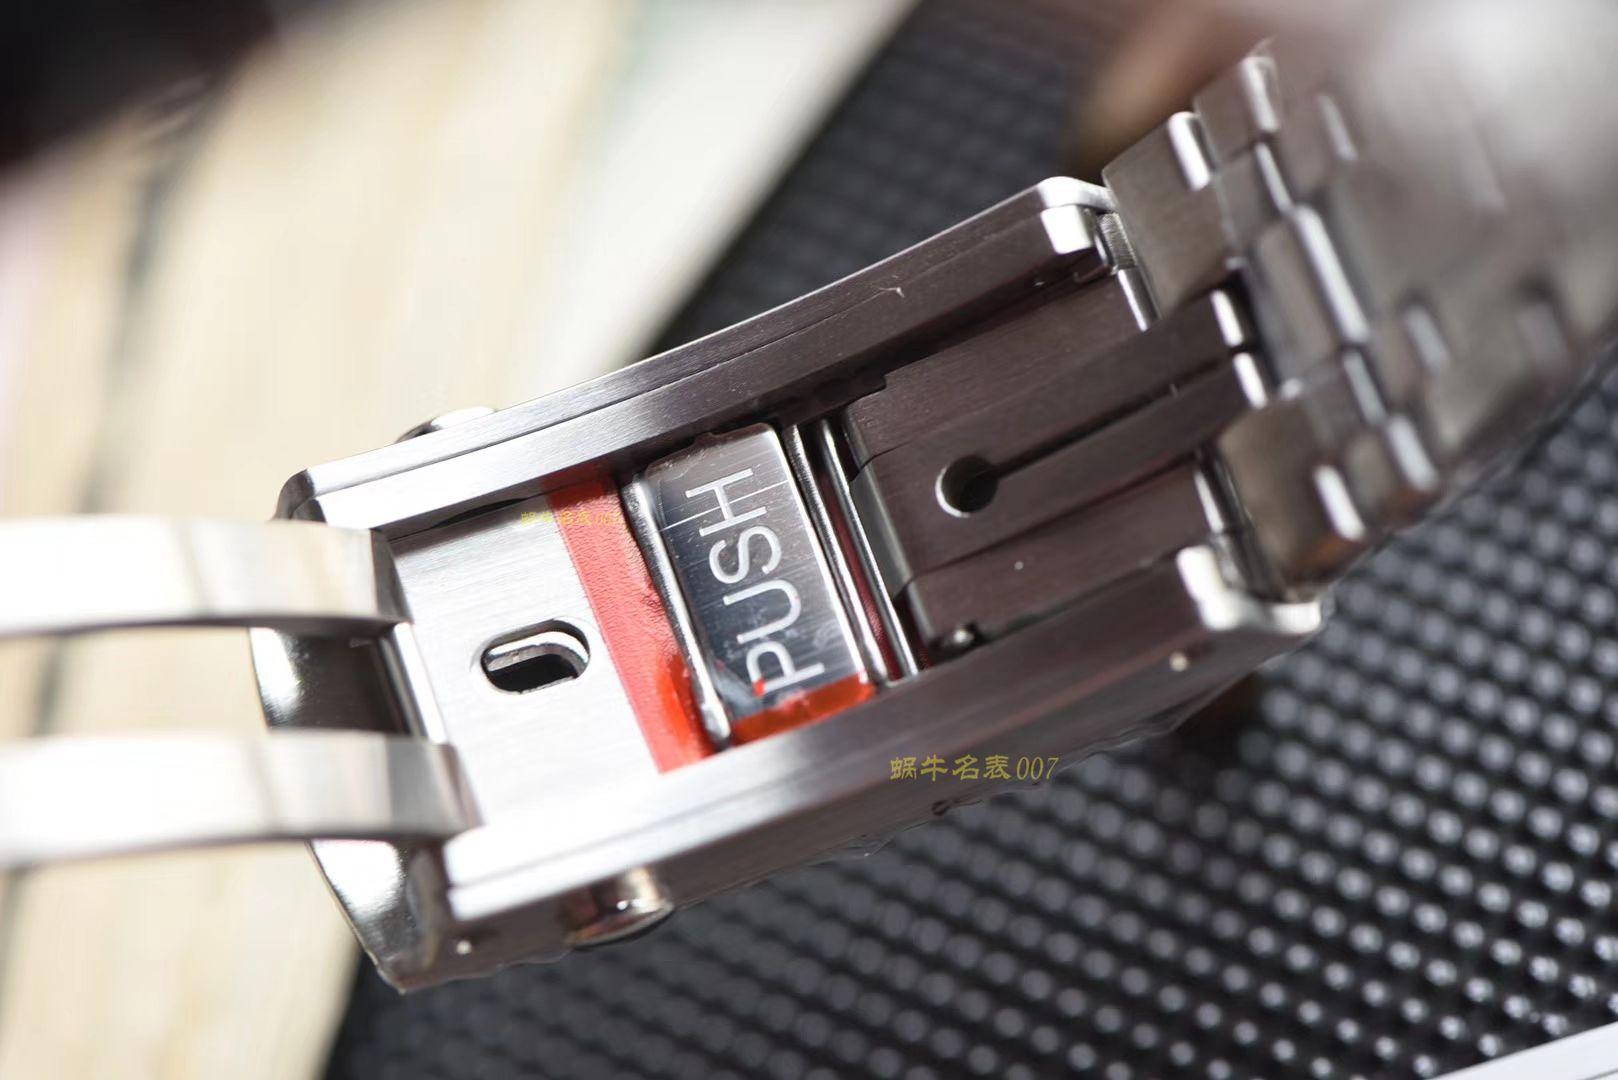 【视频评测】VS厂一比一复刻欧米茄海马系列210.30.42.20.06.001腕表VS厂新海马300M(007代言广告款)